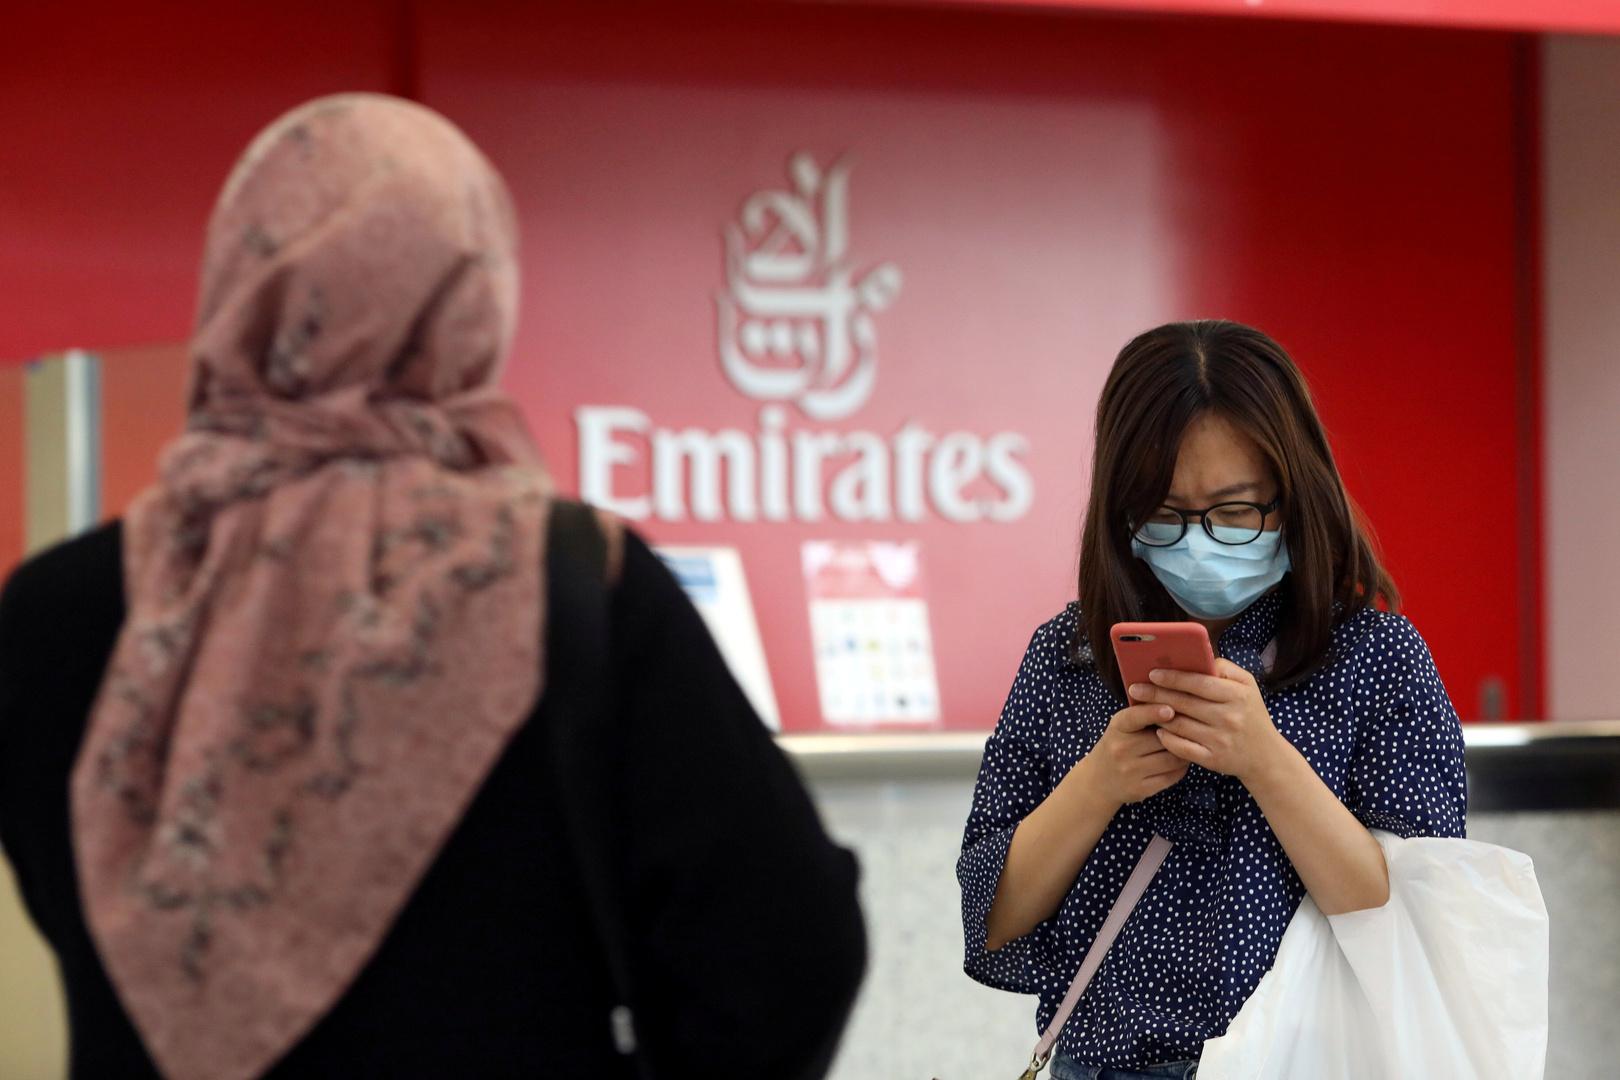 لليوم الثاني على التوالي.. ارتفاع قياسي في حصيلة الإصابات بكورونا في الإمارات